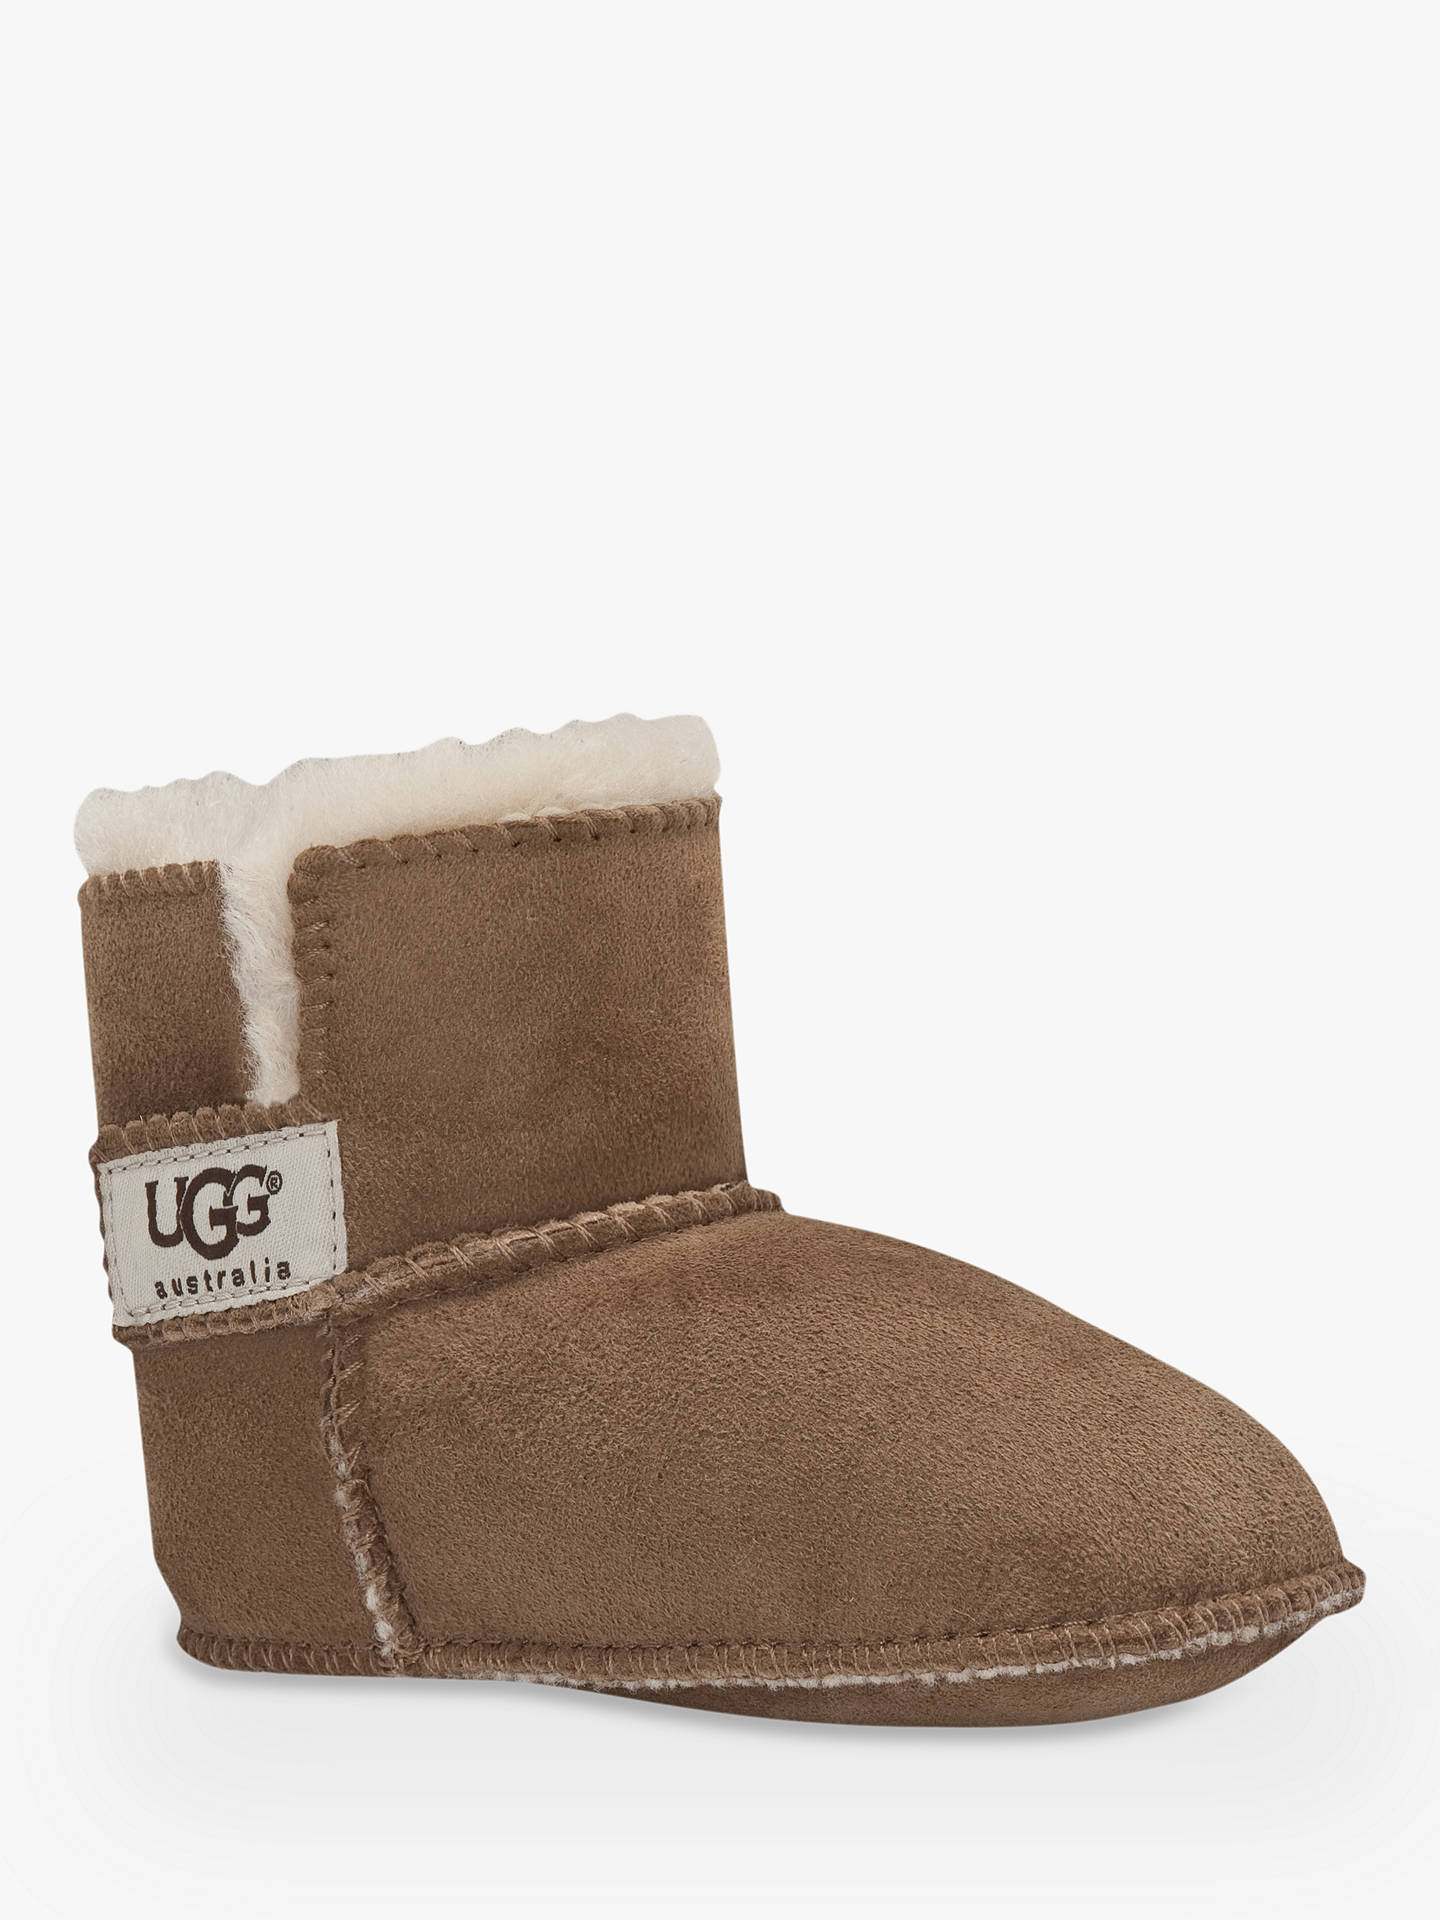 a171fb56007 UGG Children's Erin Boots, Chestnut